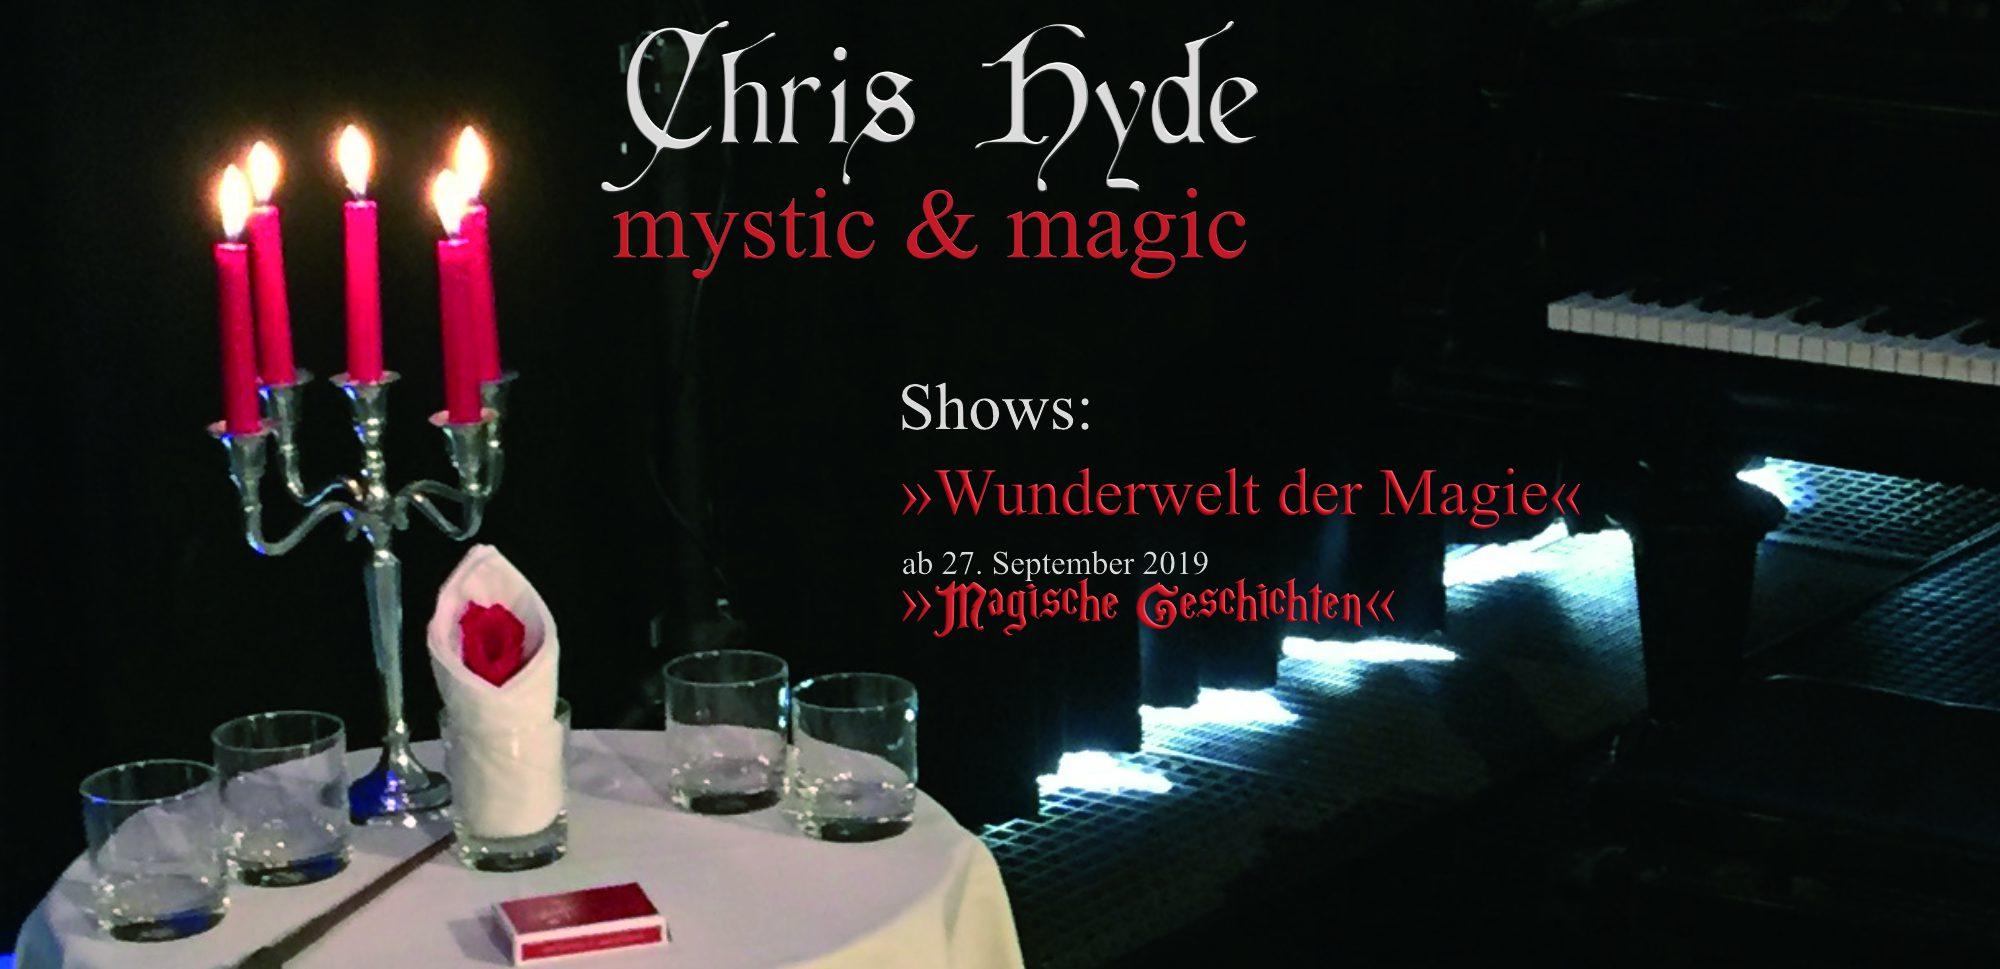 Chris Hyde